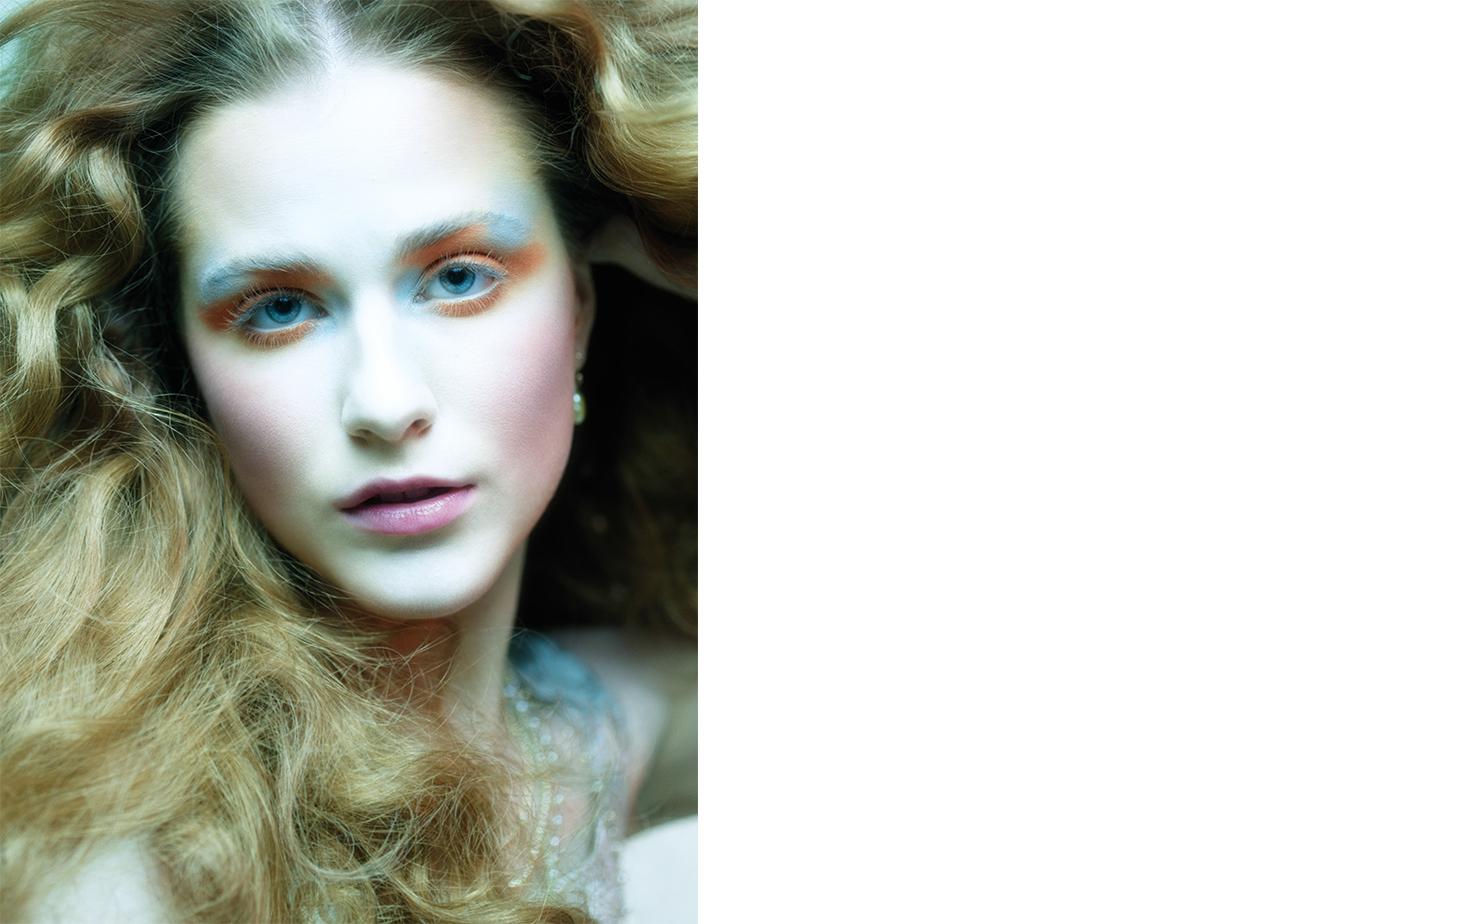 T Magazine EVAN RACHEL WOOD   ART DIRECTOR David Sebbah FASHION EDITOR Tiina Laakkonen